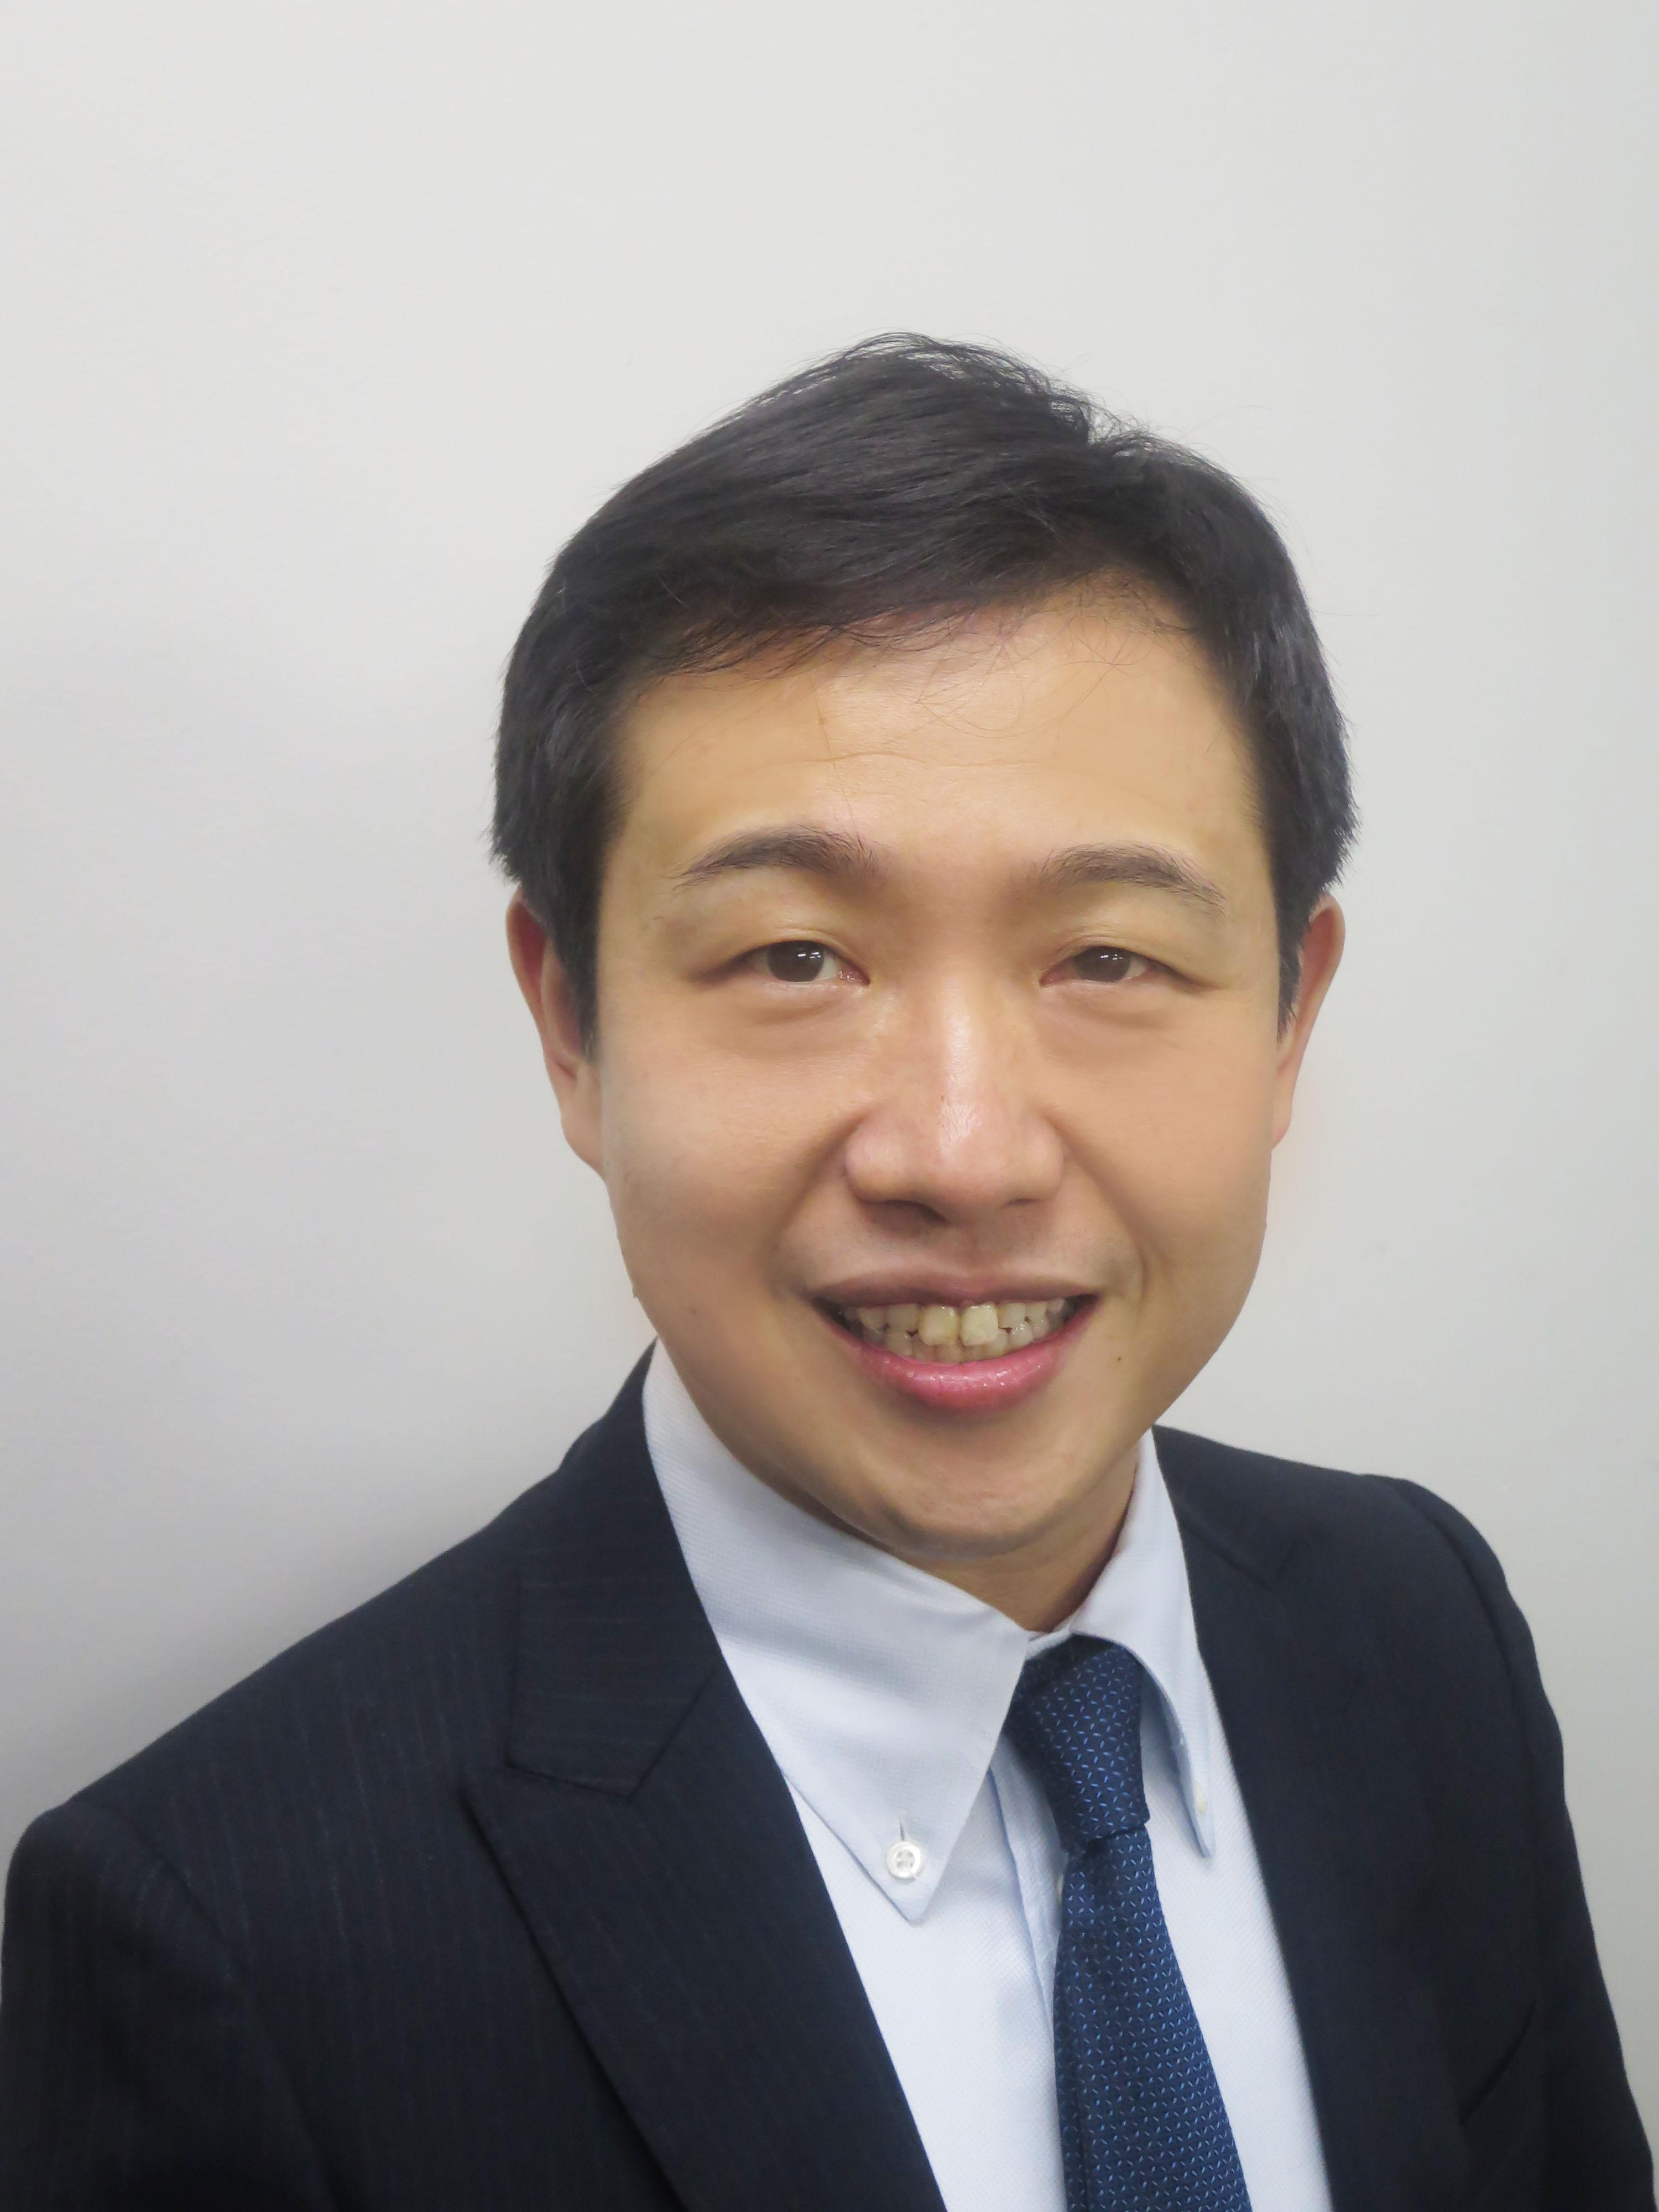 吉野晃先生